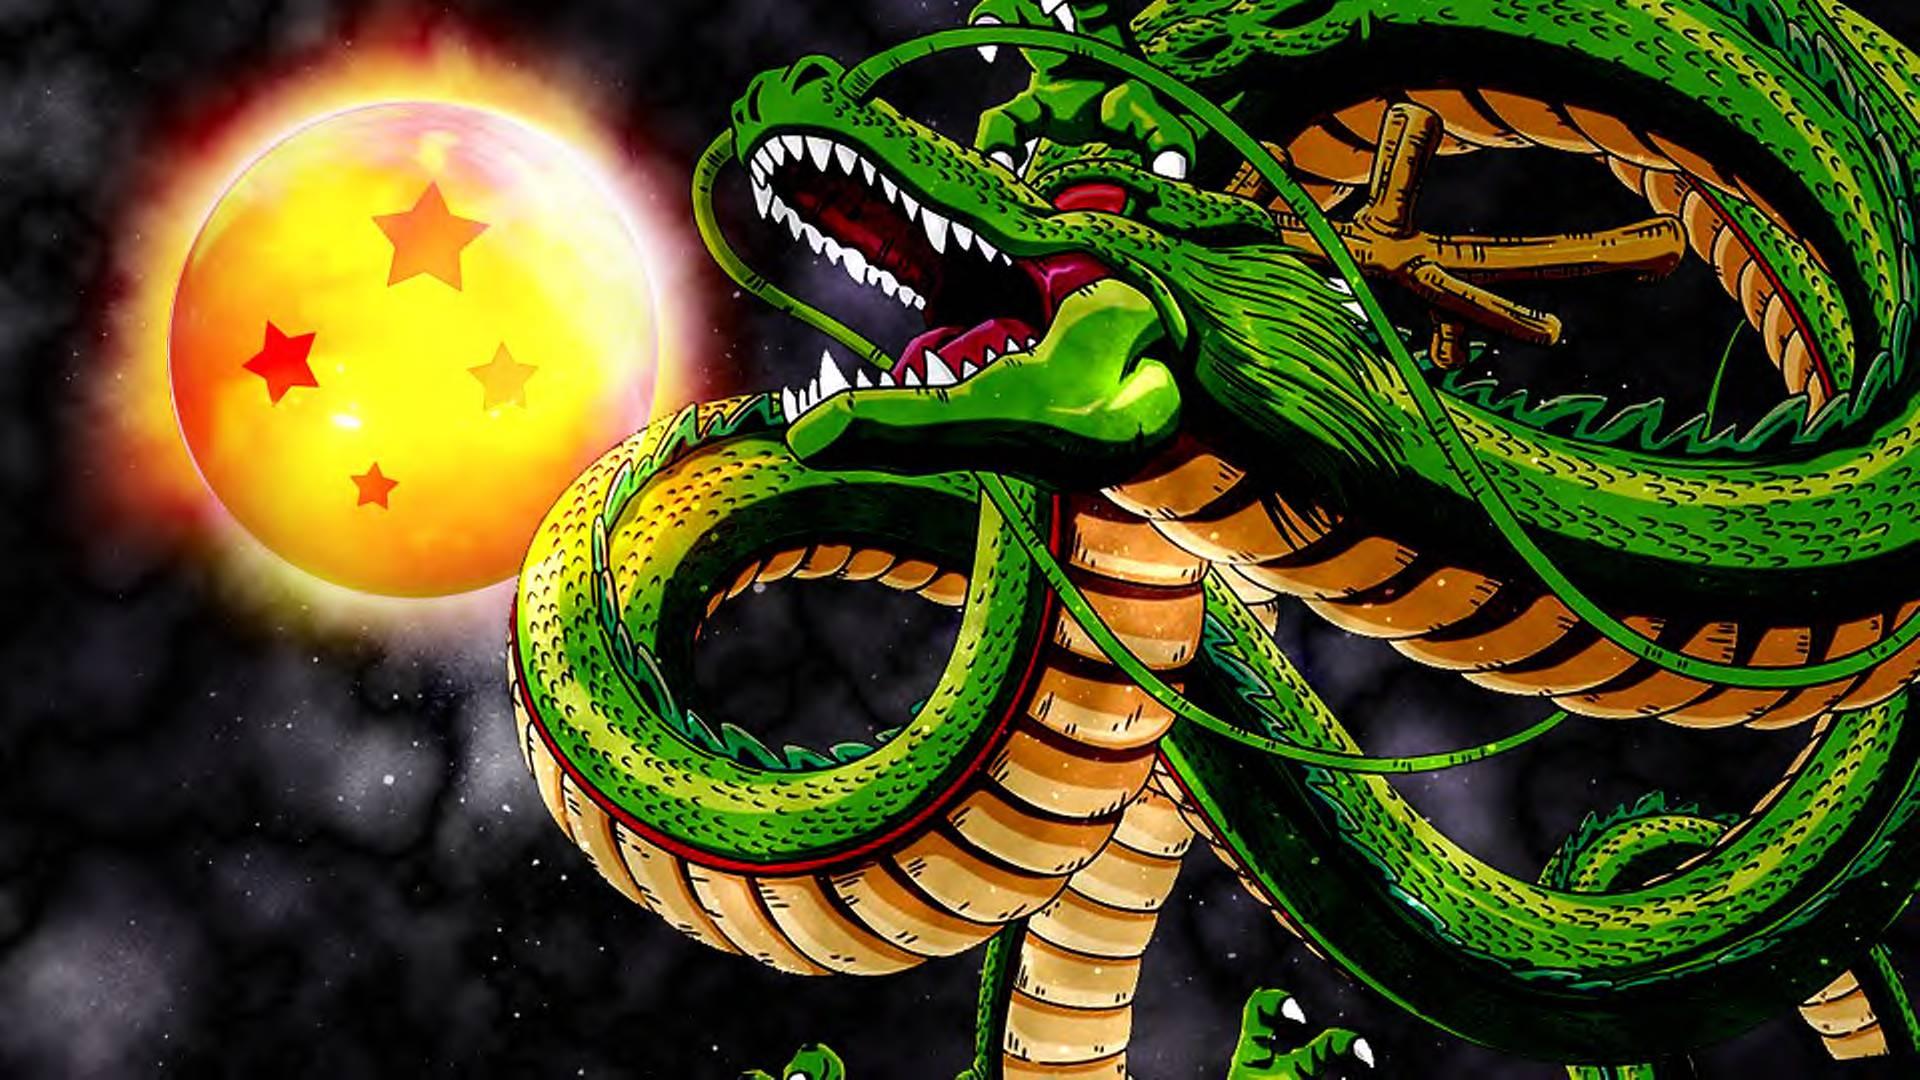 Fondos de dragon ball z goku wallpapers para descargar gratis - Dragon ball z live wallpaper iphone ...